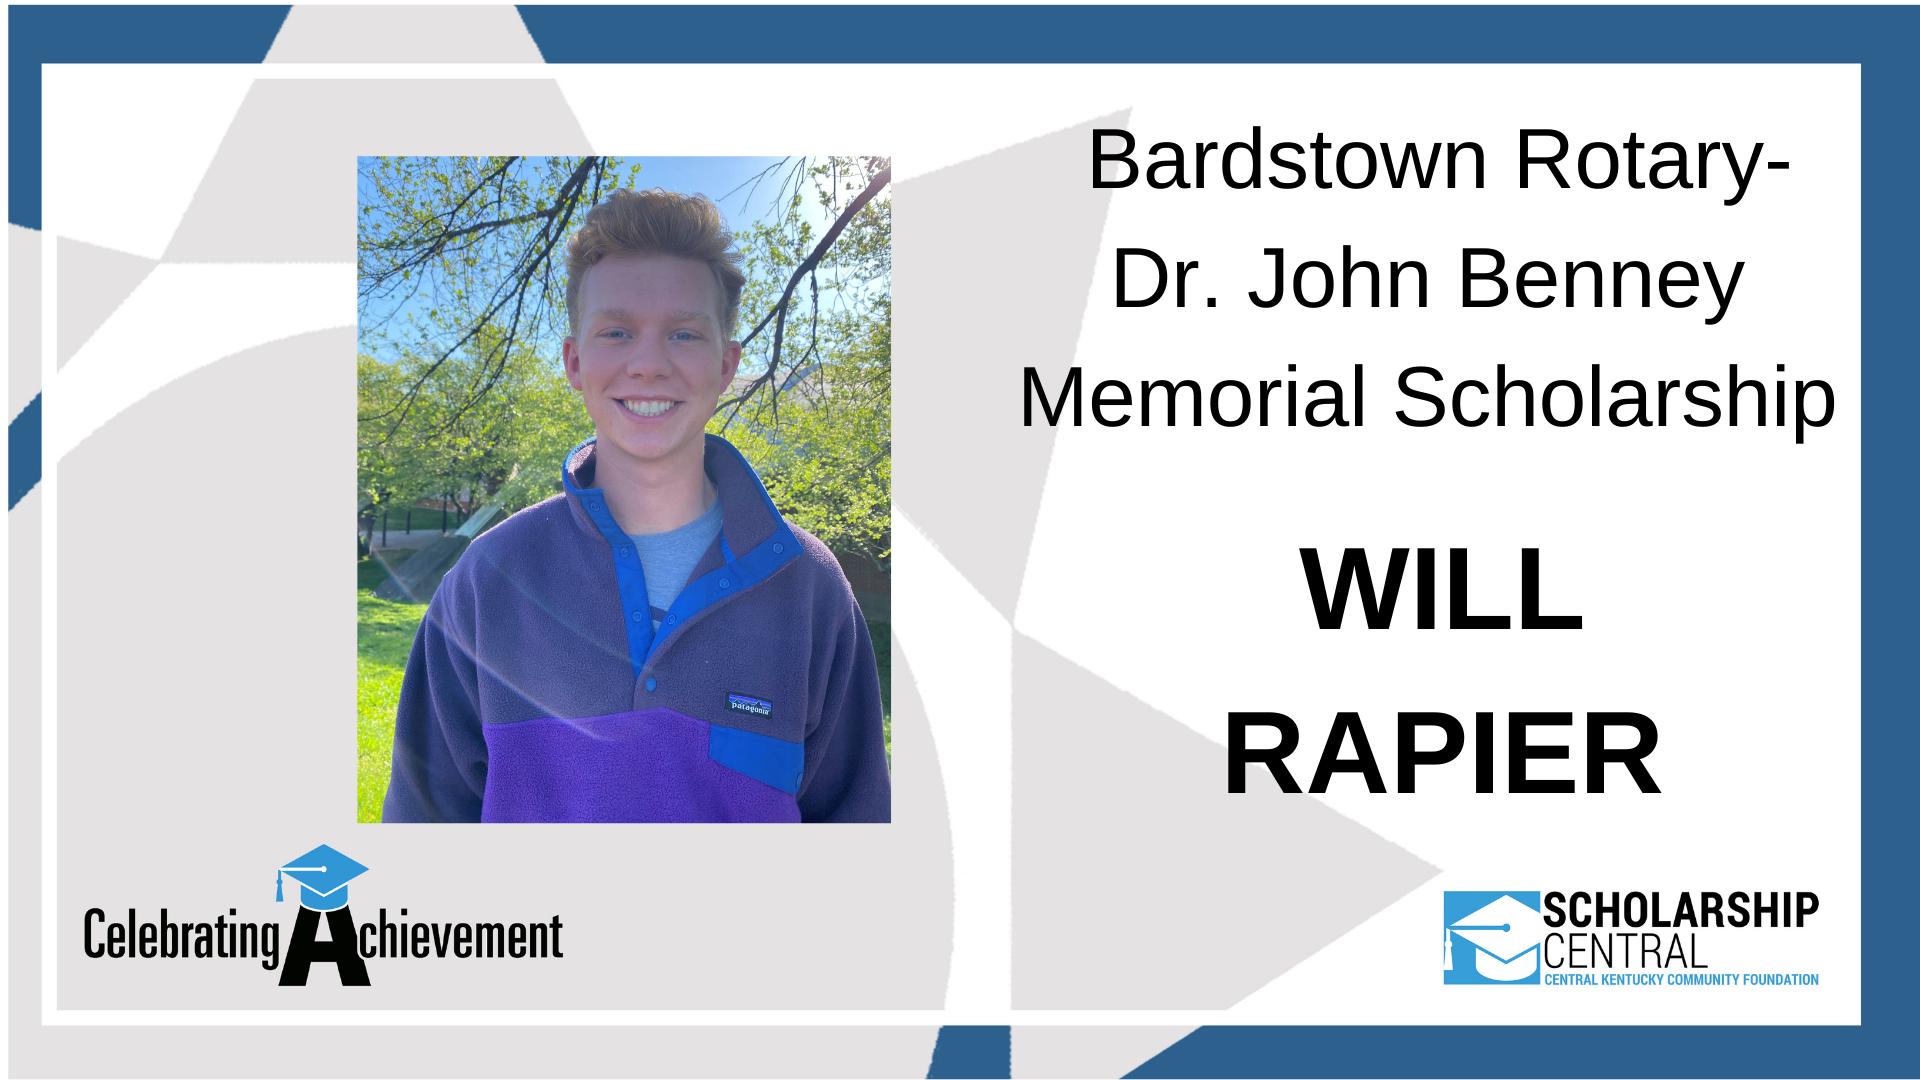 Bardstown Rotary Dr John Benney Memorial Scholarship Winner